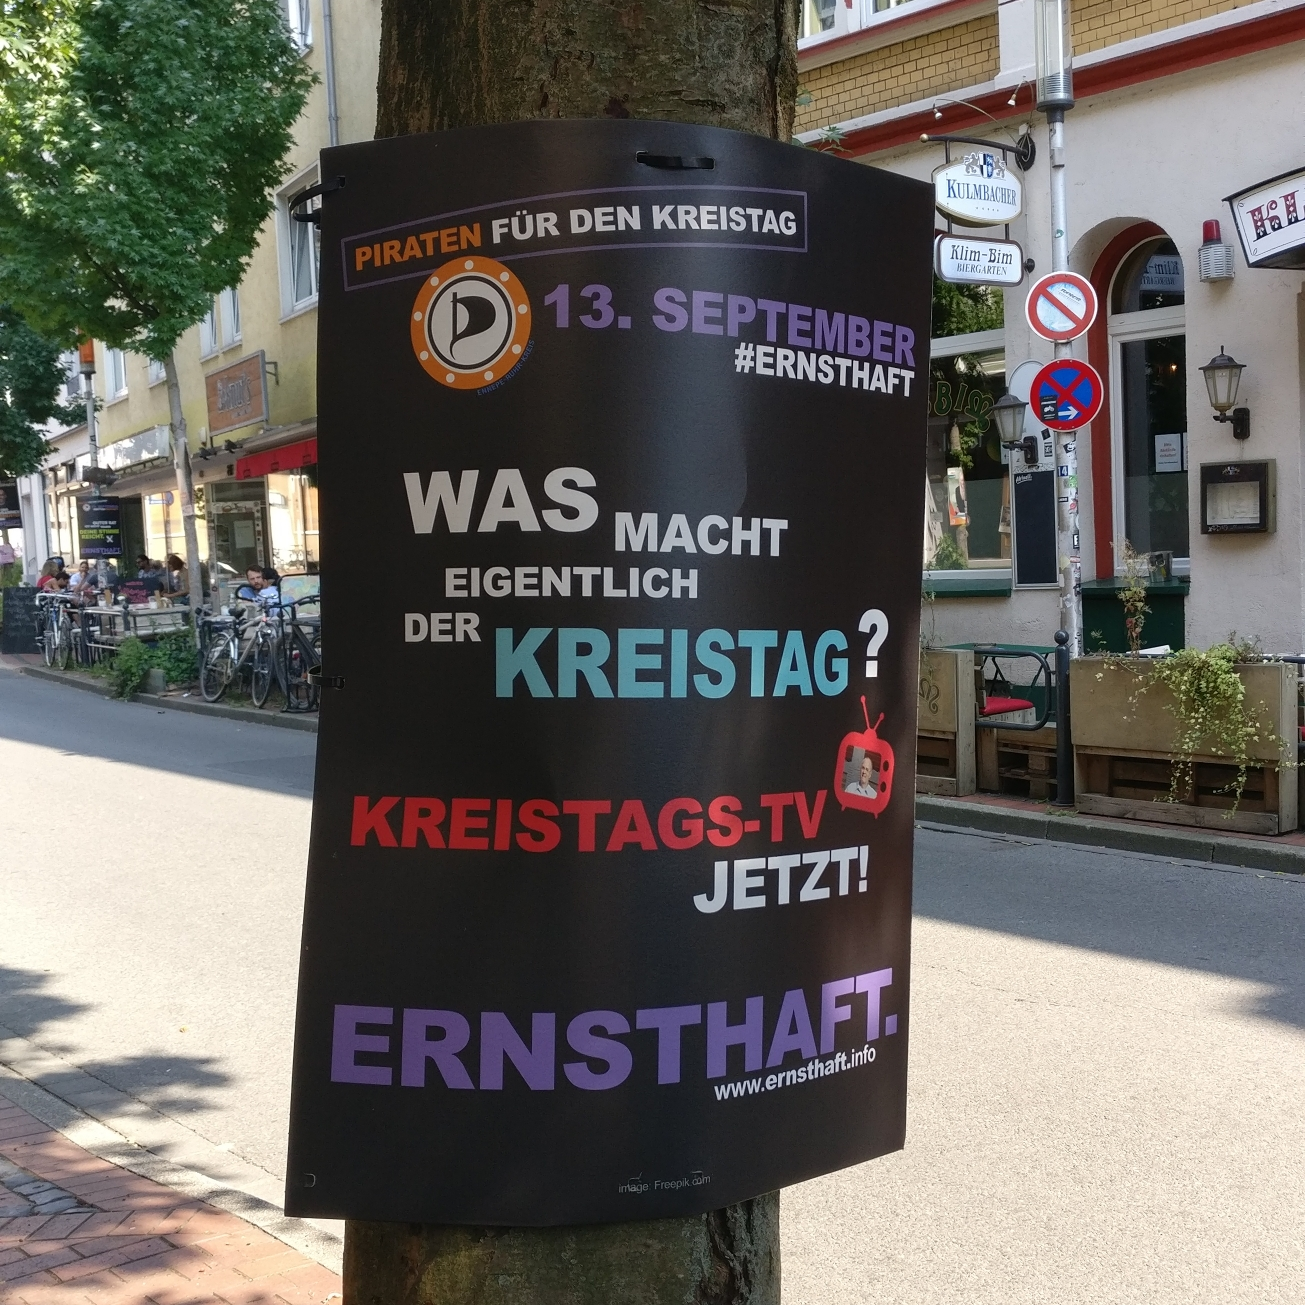 """Wahlplakat der Piratenpartei Ennepe-Ruhr aus dem Kommunalwahlkampf 2020 hängt im Wittener Wiesenviertel. Darauf steht zu lesen """"Was macht eigentlich der Kreistag? Kreistags-TV jetzt! Ernsthaft."""""""